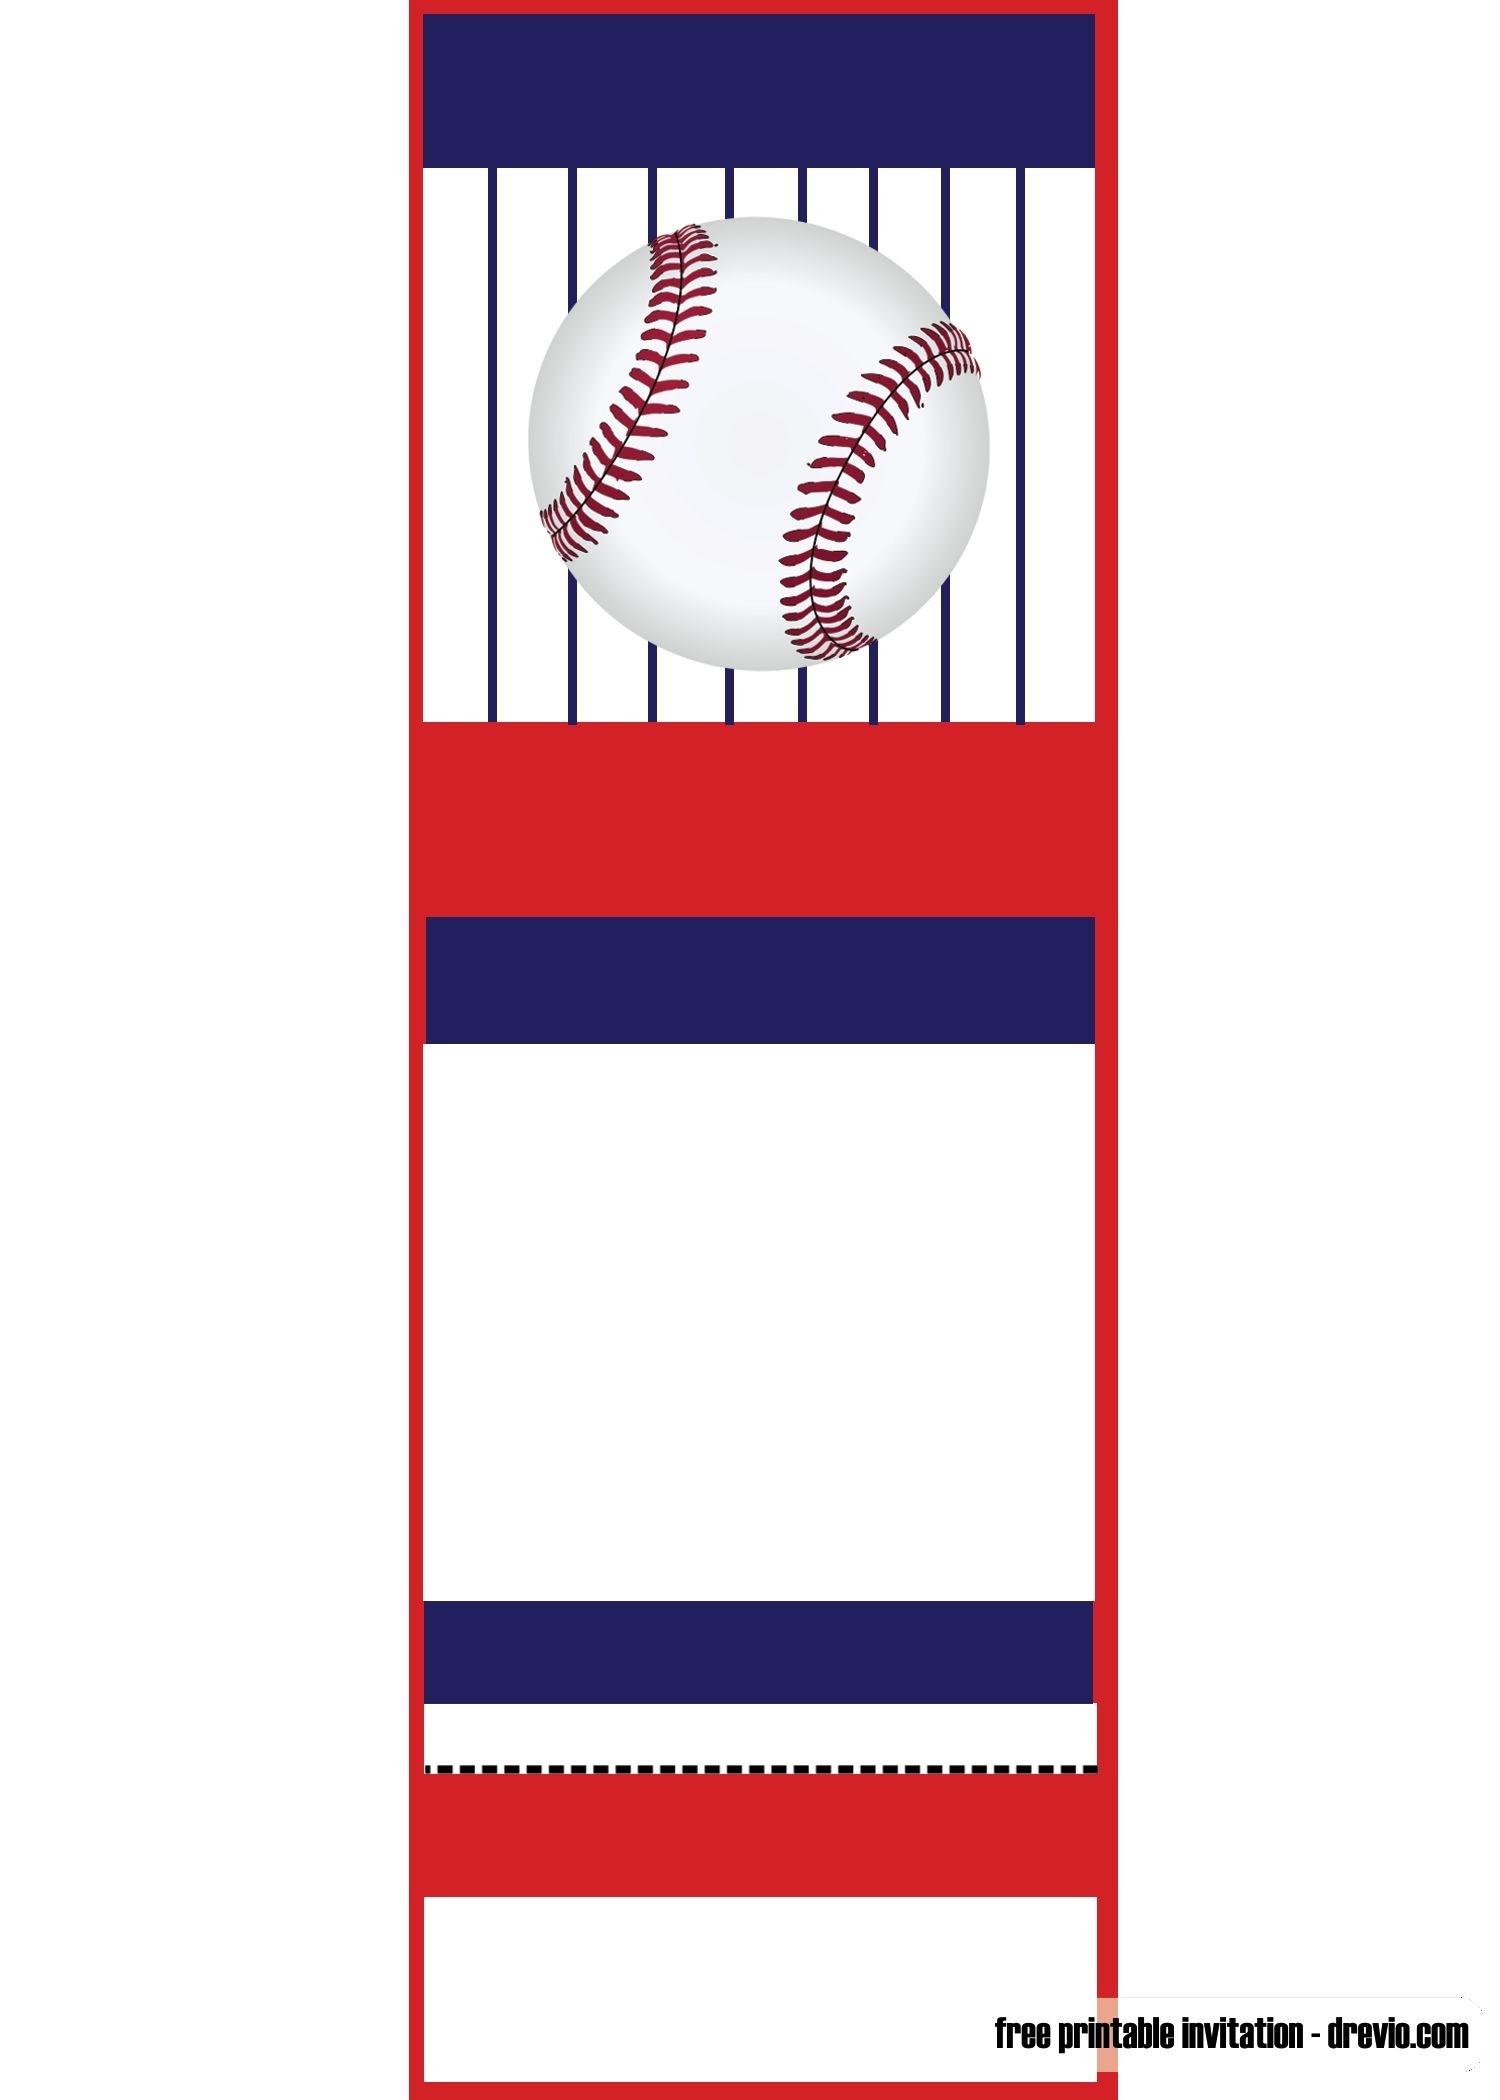 Free Printable Baseball Ticket Invitation Template   Free Printable - Free Printable Baseball Stationery